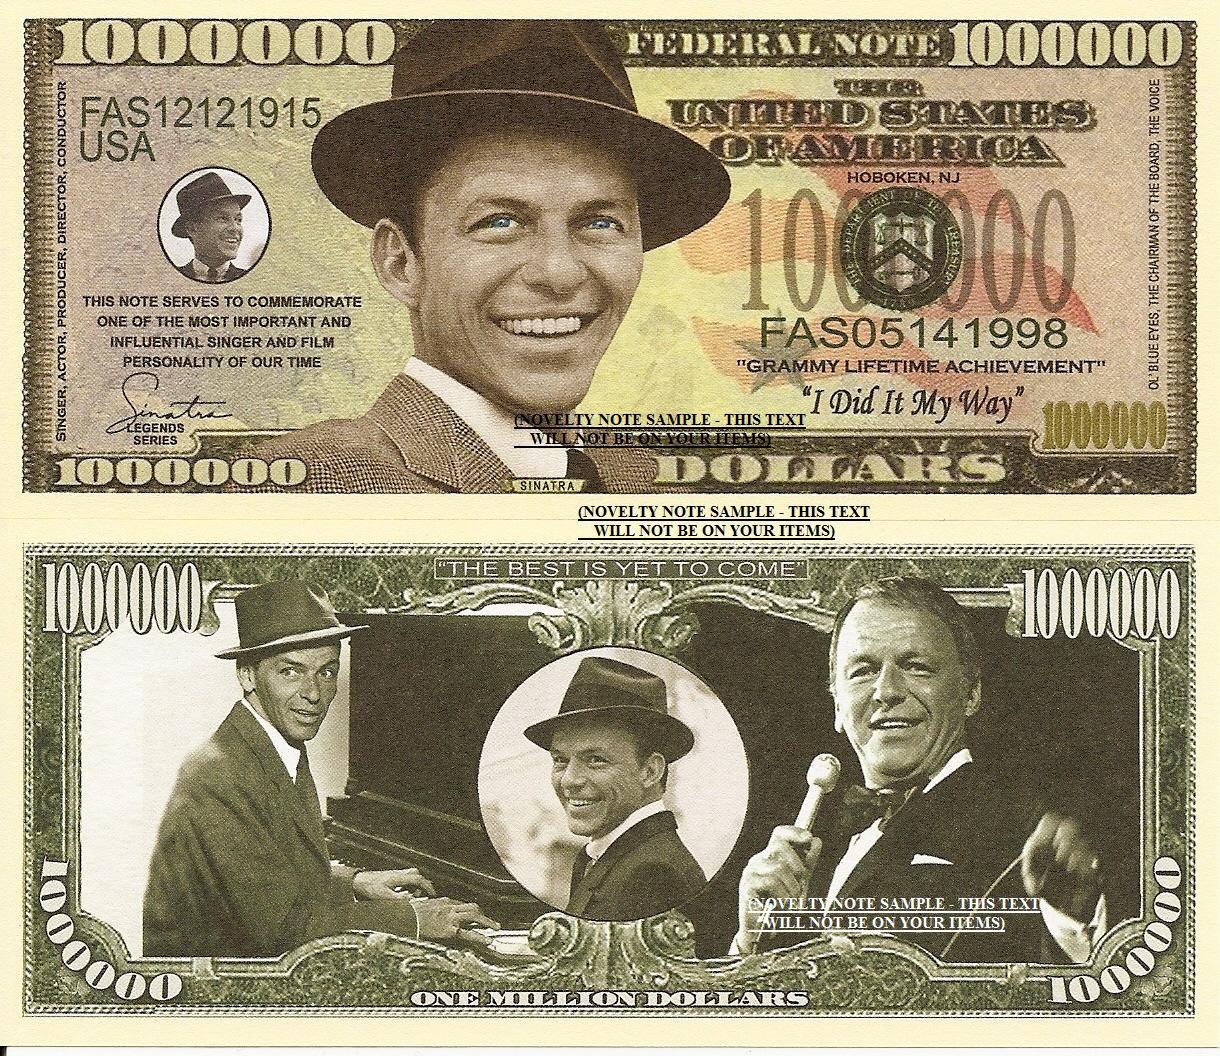 Frank Sinatra Ol Blue Eyes Million Dollar Bills x 4 I Did It My Way Singer Actor